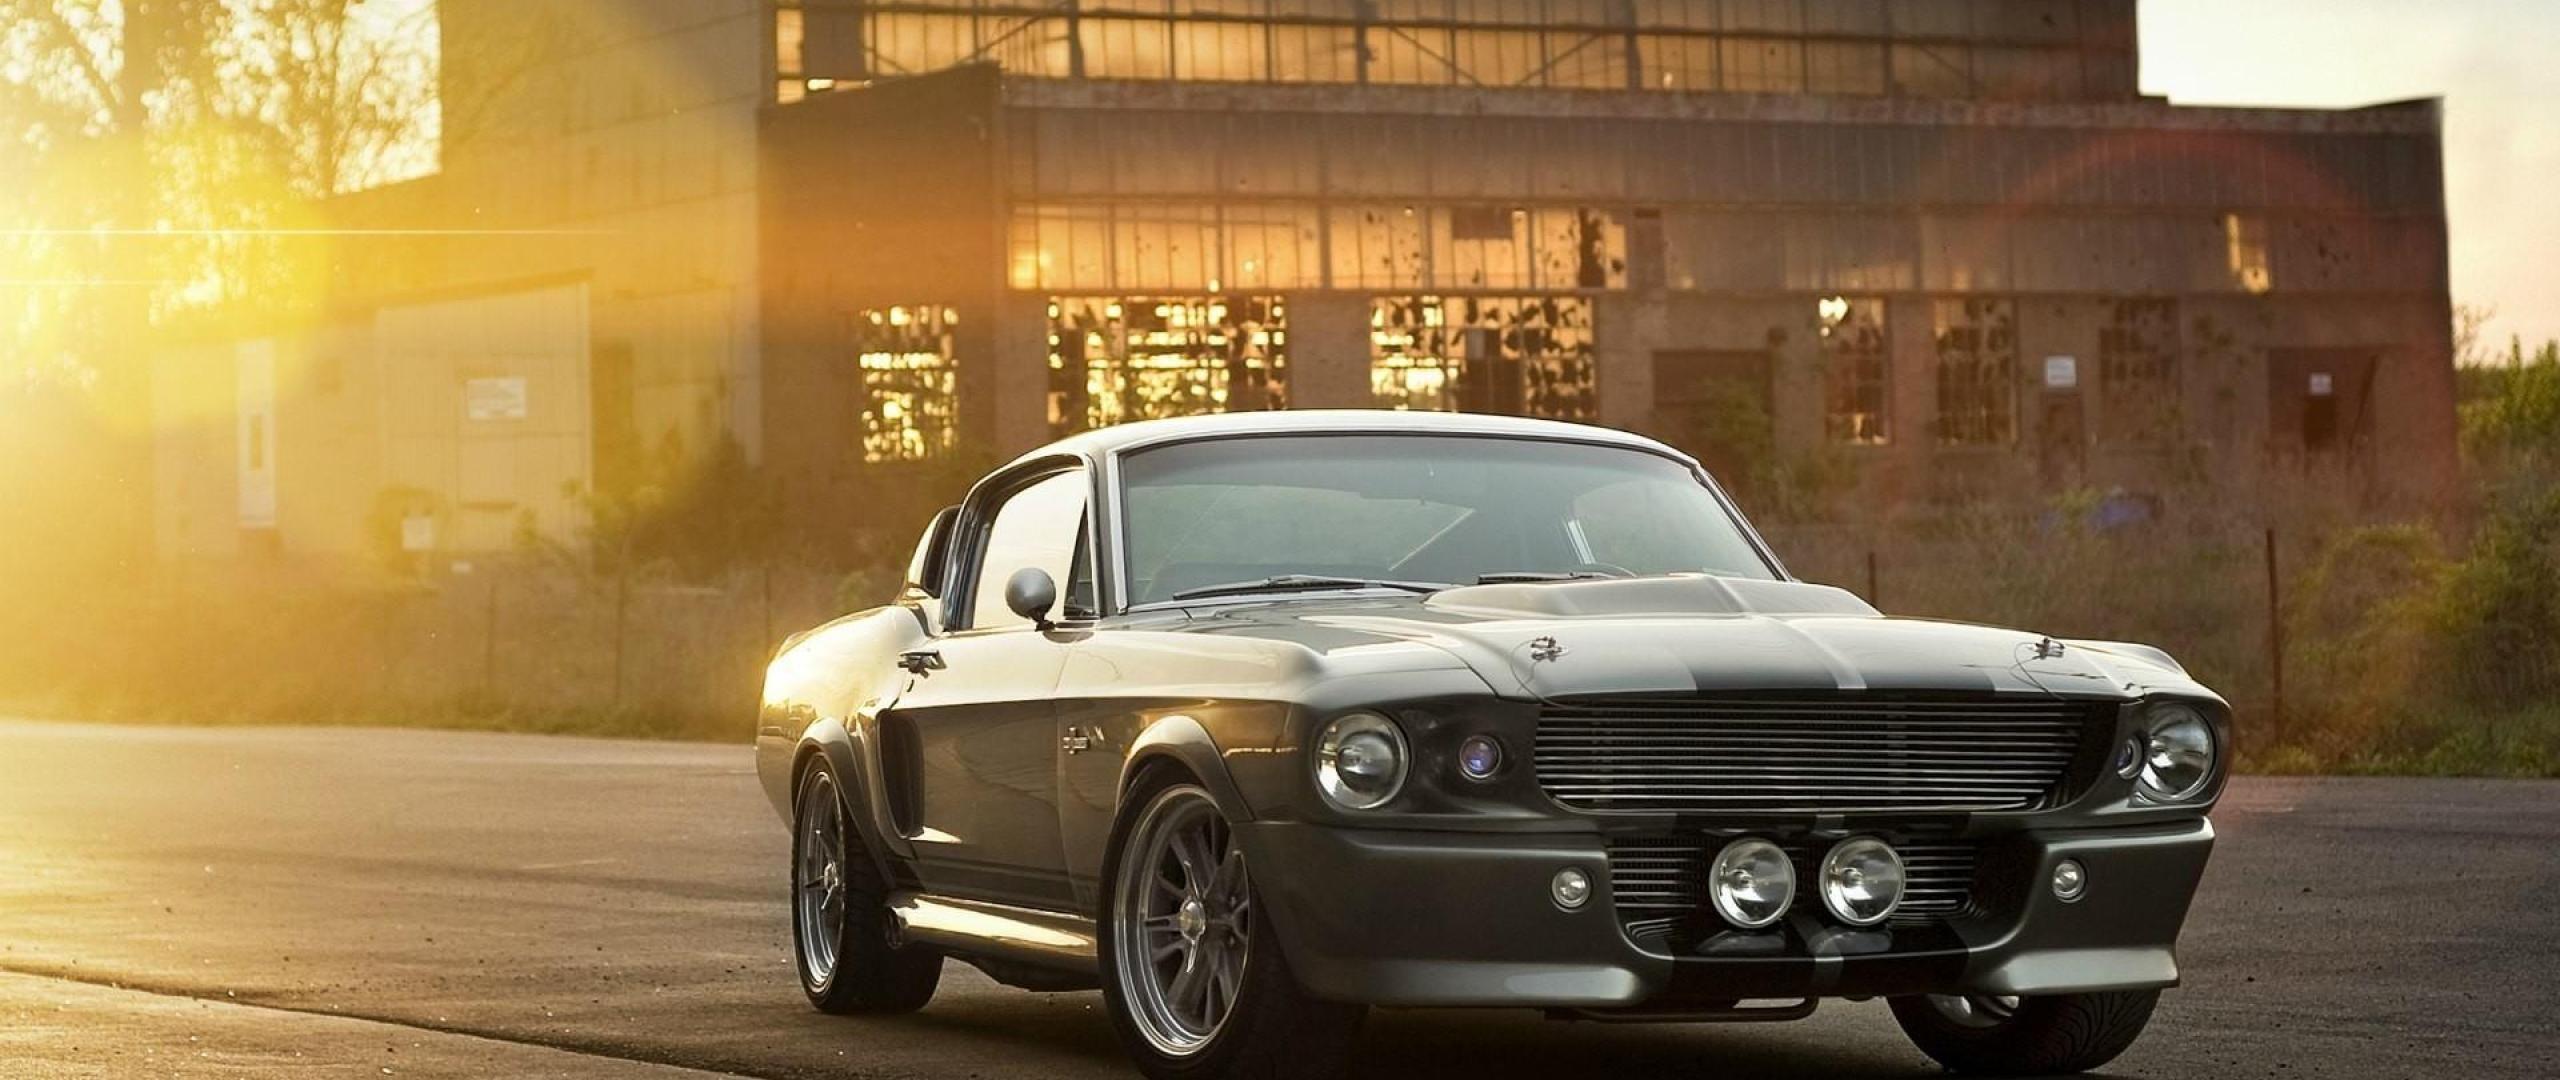 Eleanor 2560 X 1080 Shelby Gt500 Carros Mulheres E Carros